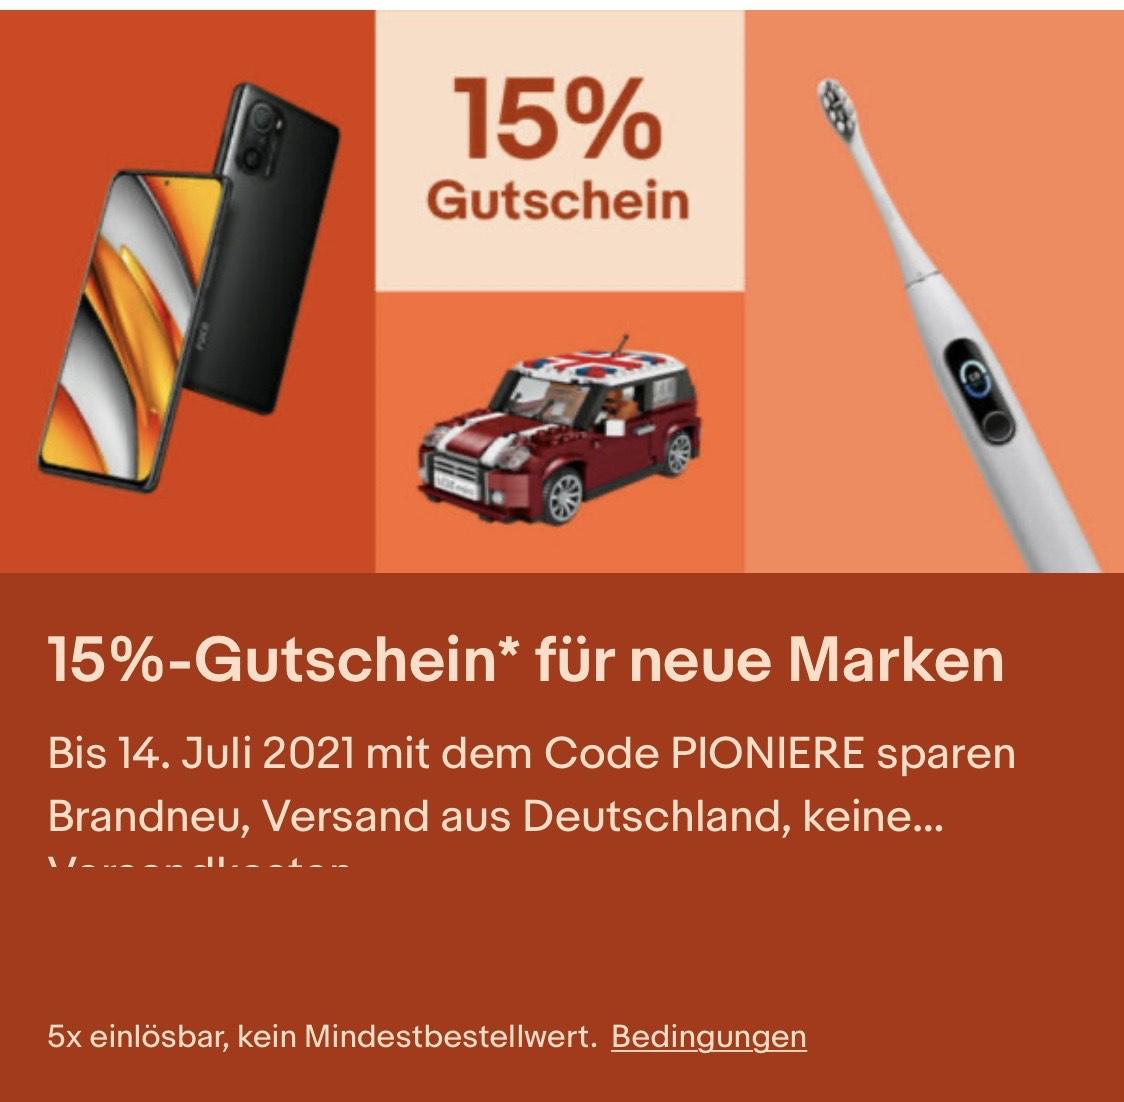 Ebay Aktion 15% für neue Marken